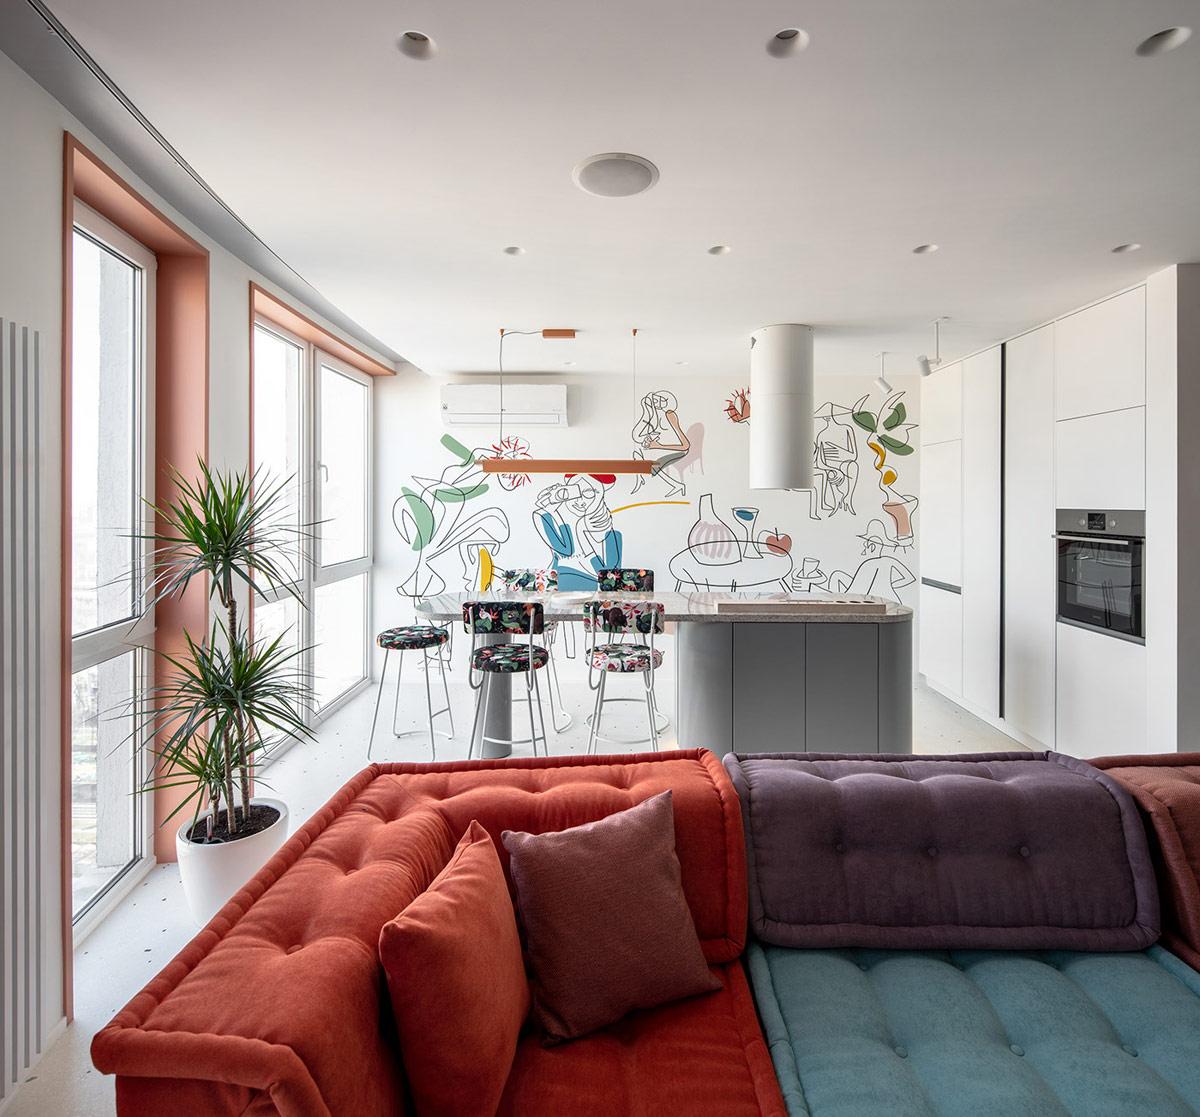 Lukisan di dinding untuk mempermanis ruangan (Sumber: home-designing.com)